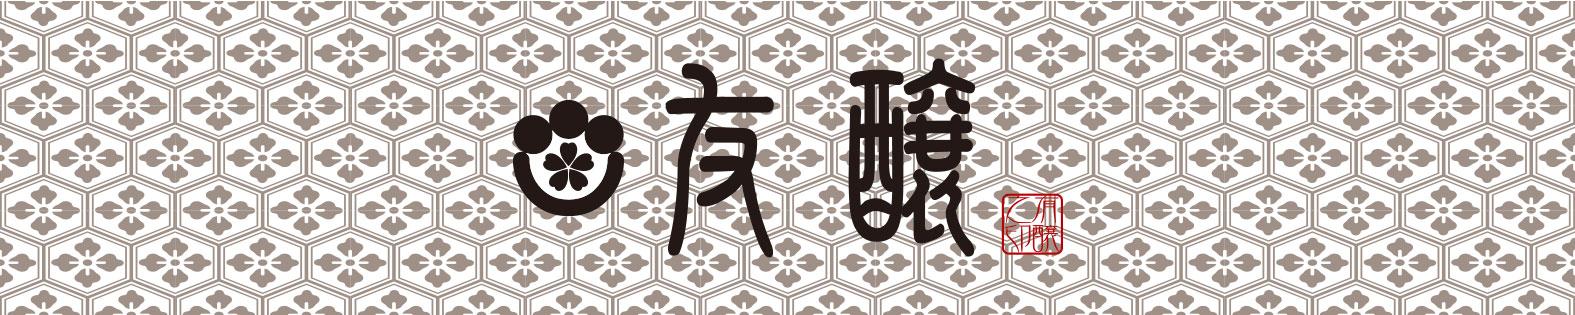 【日本酒】上喜元 翁(おきな)生詰 大吟醸ブレンド 限定 新酒27BY_e0173738_9201313.jpg